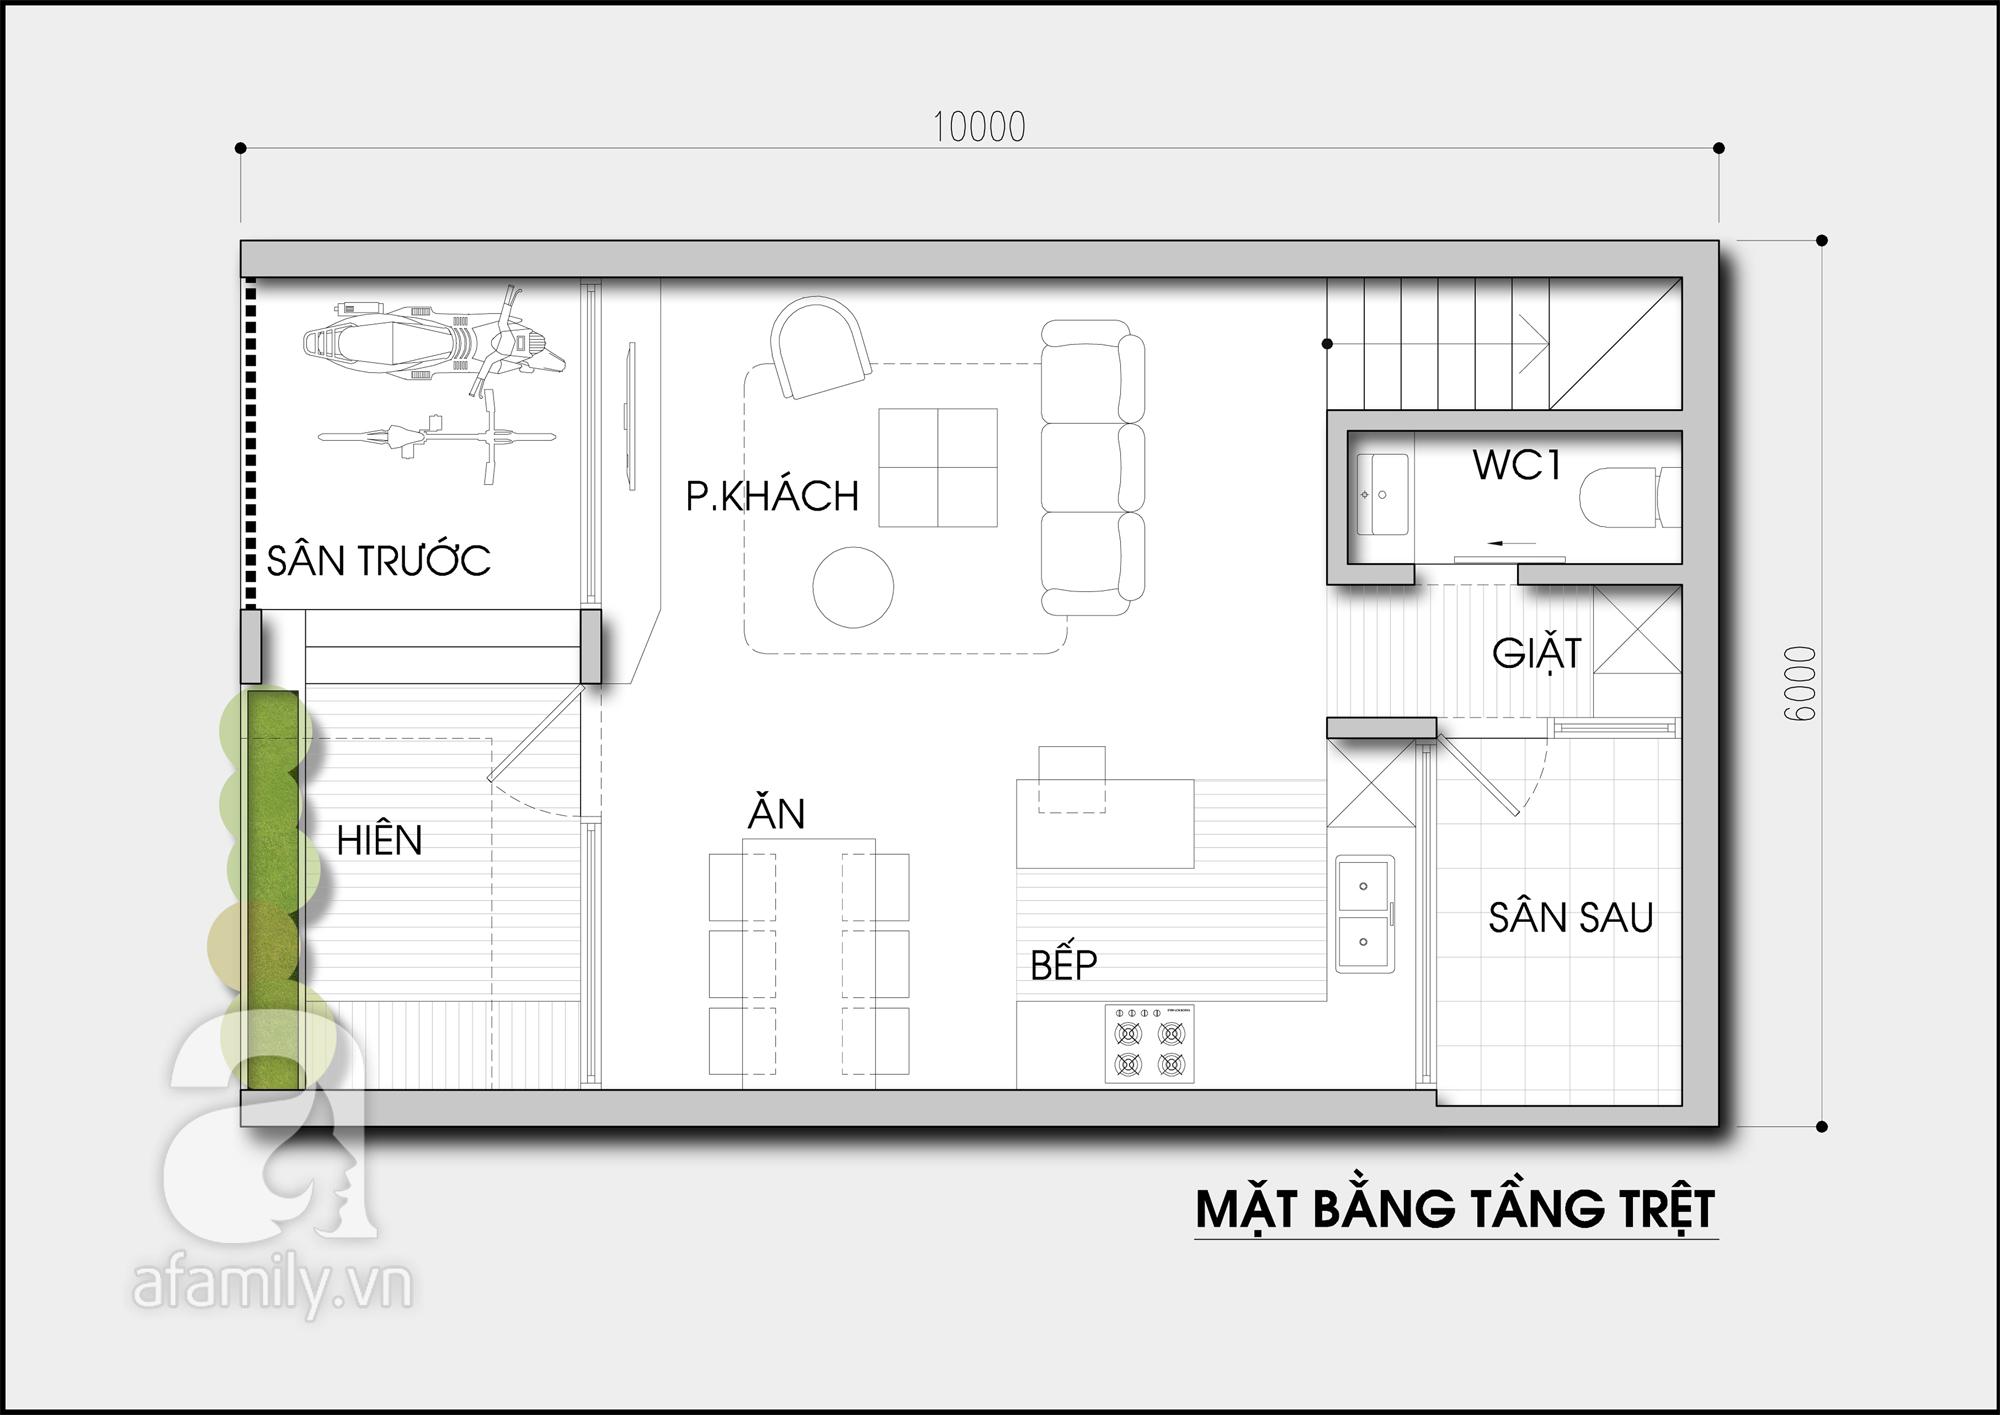 mặt bằng bản vẽ mẫu thiết kế nhà 2 tầng đẹp